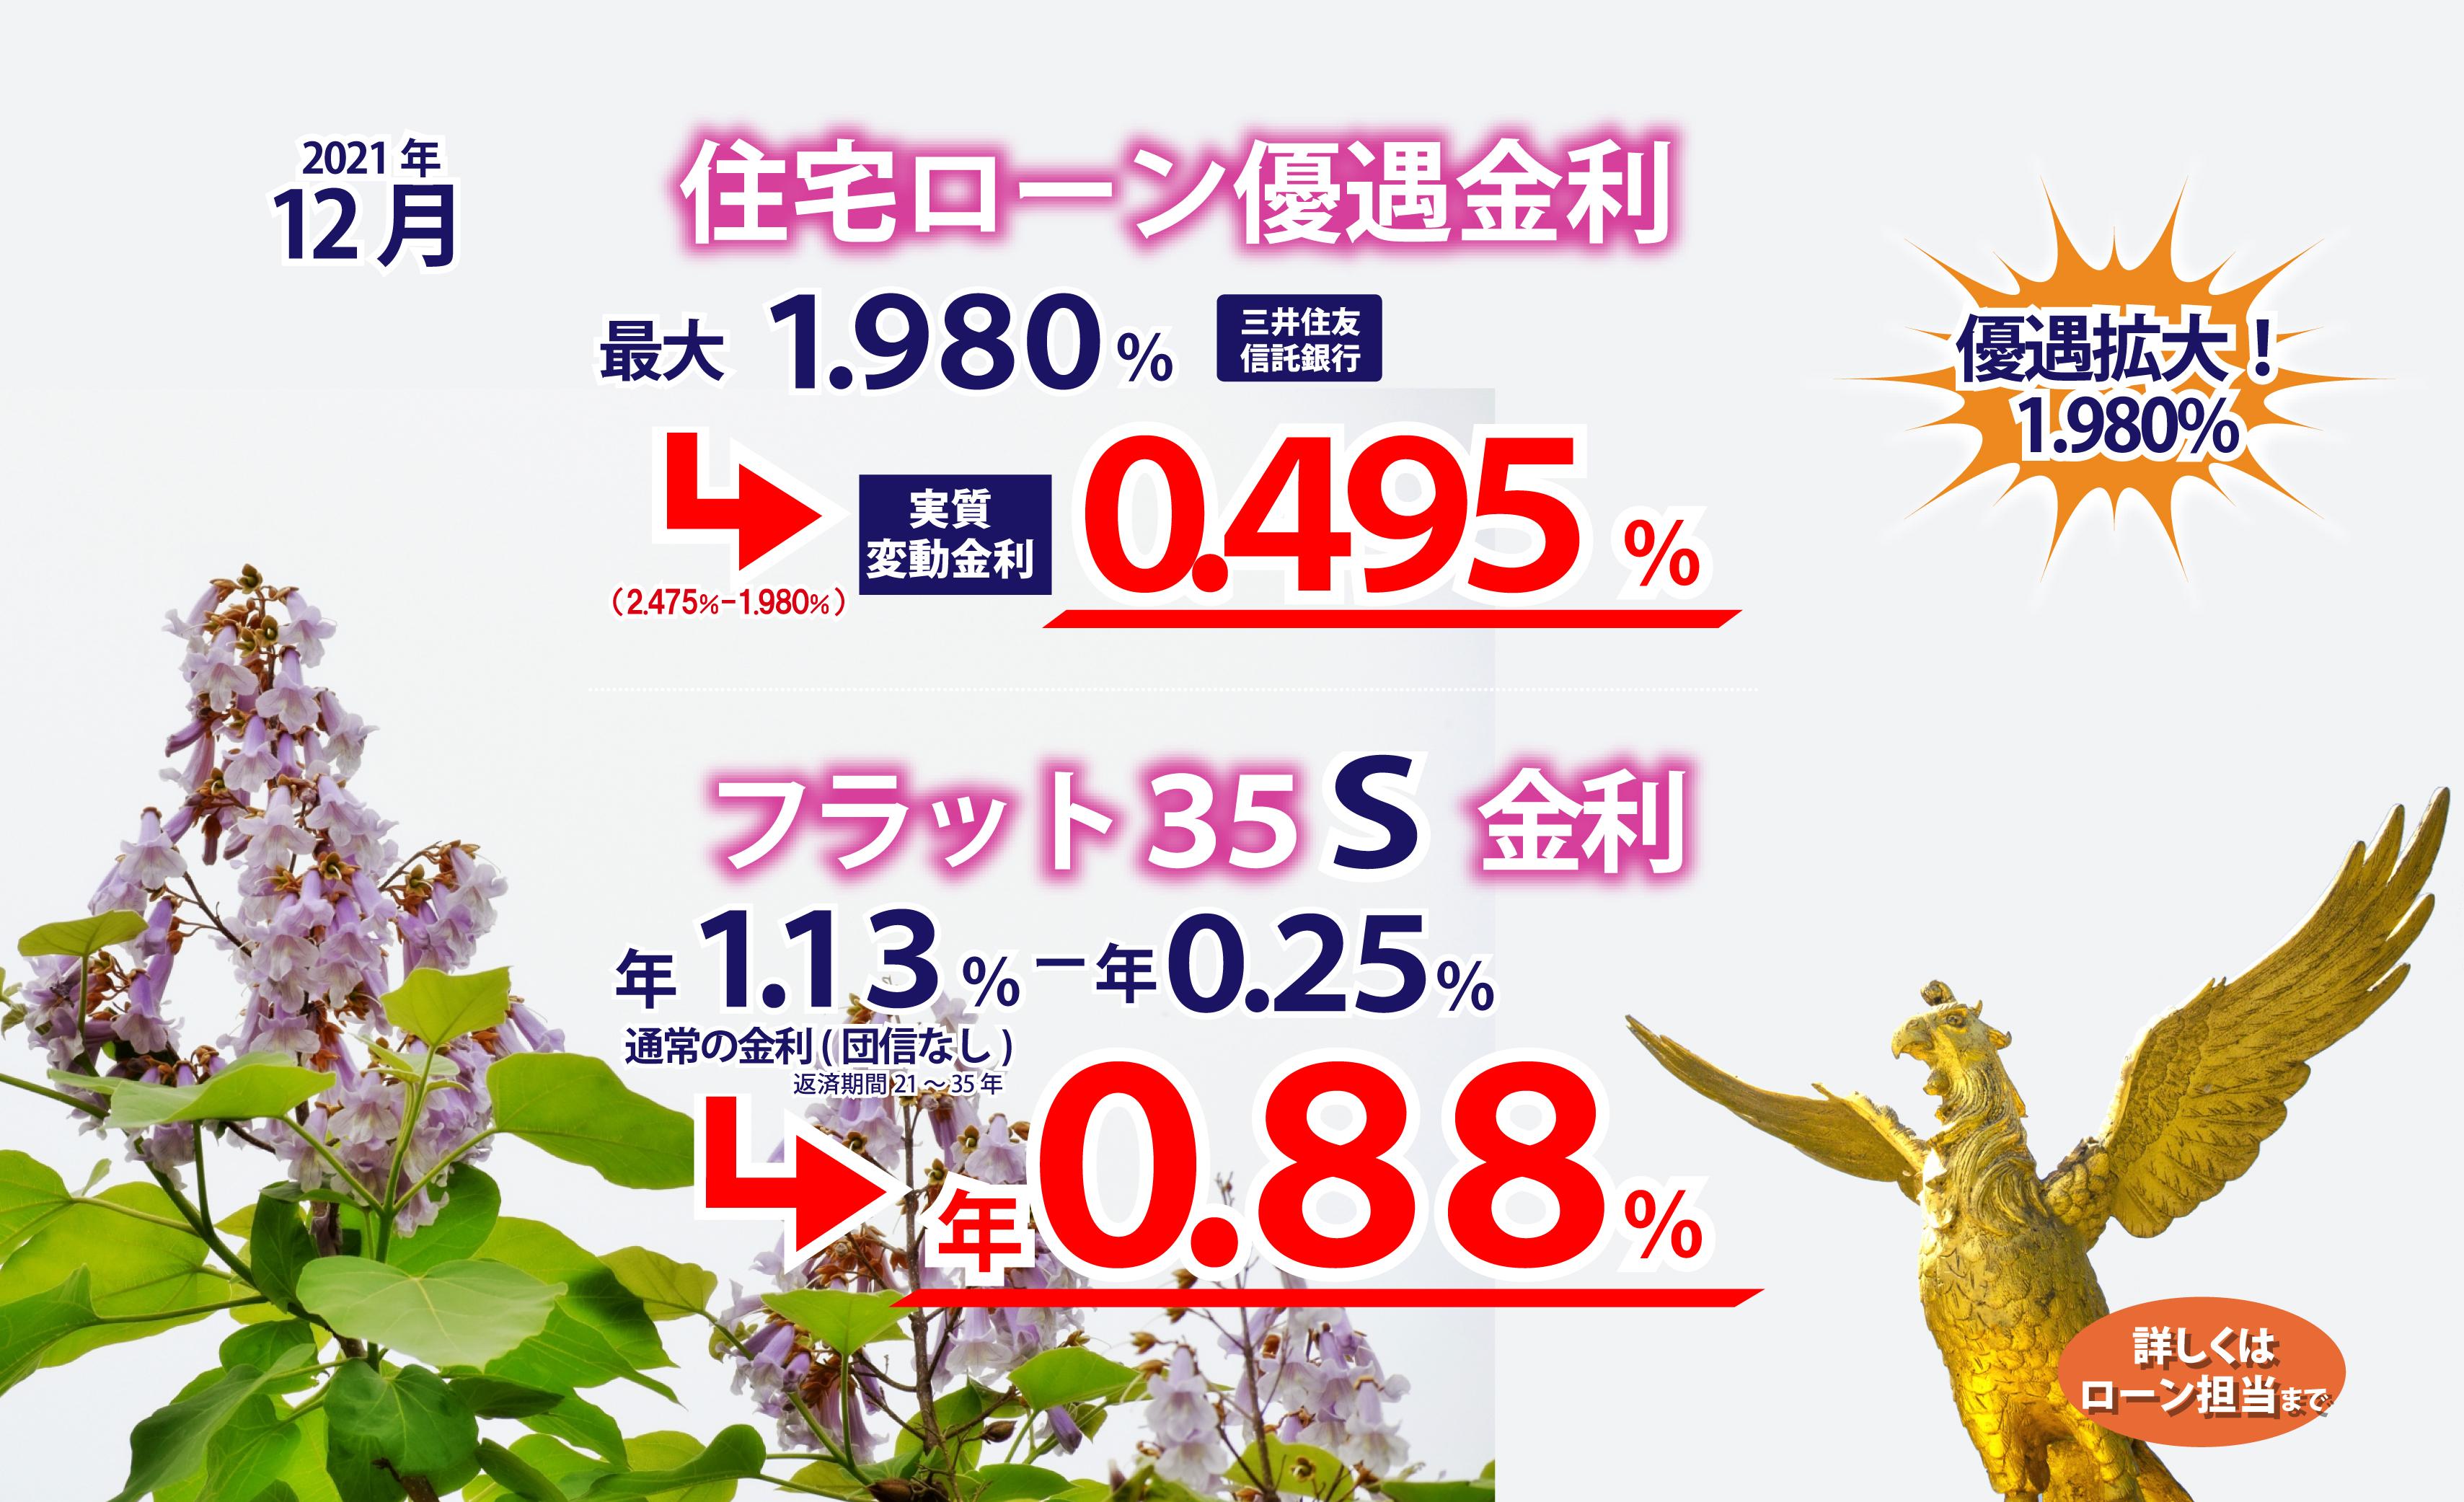 2016年1月の優遇金利 最大1.905%